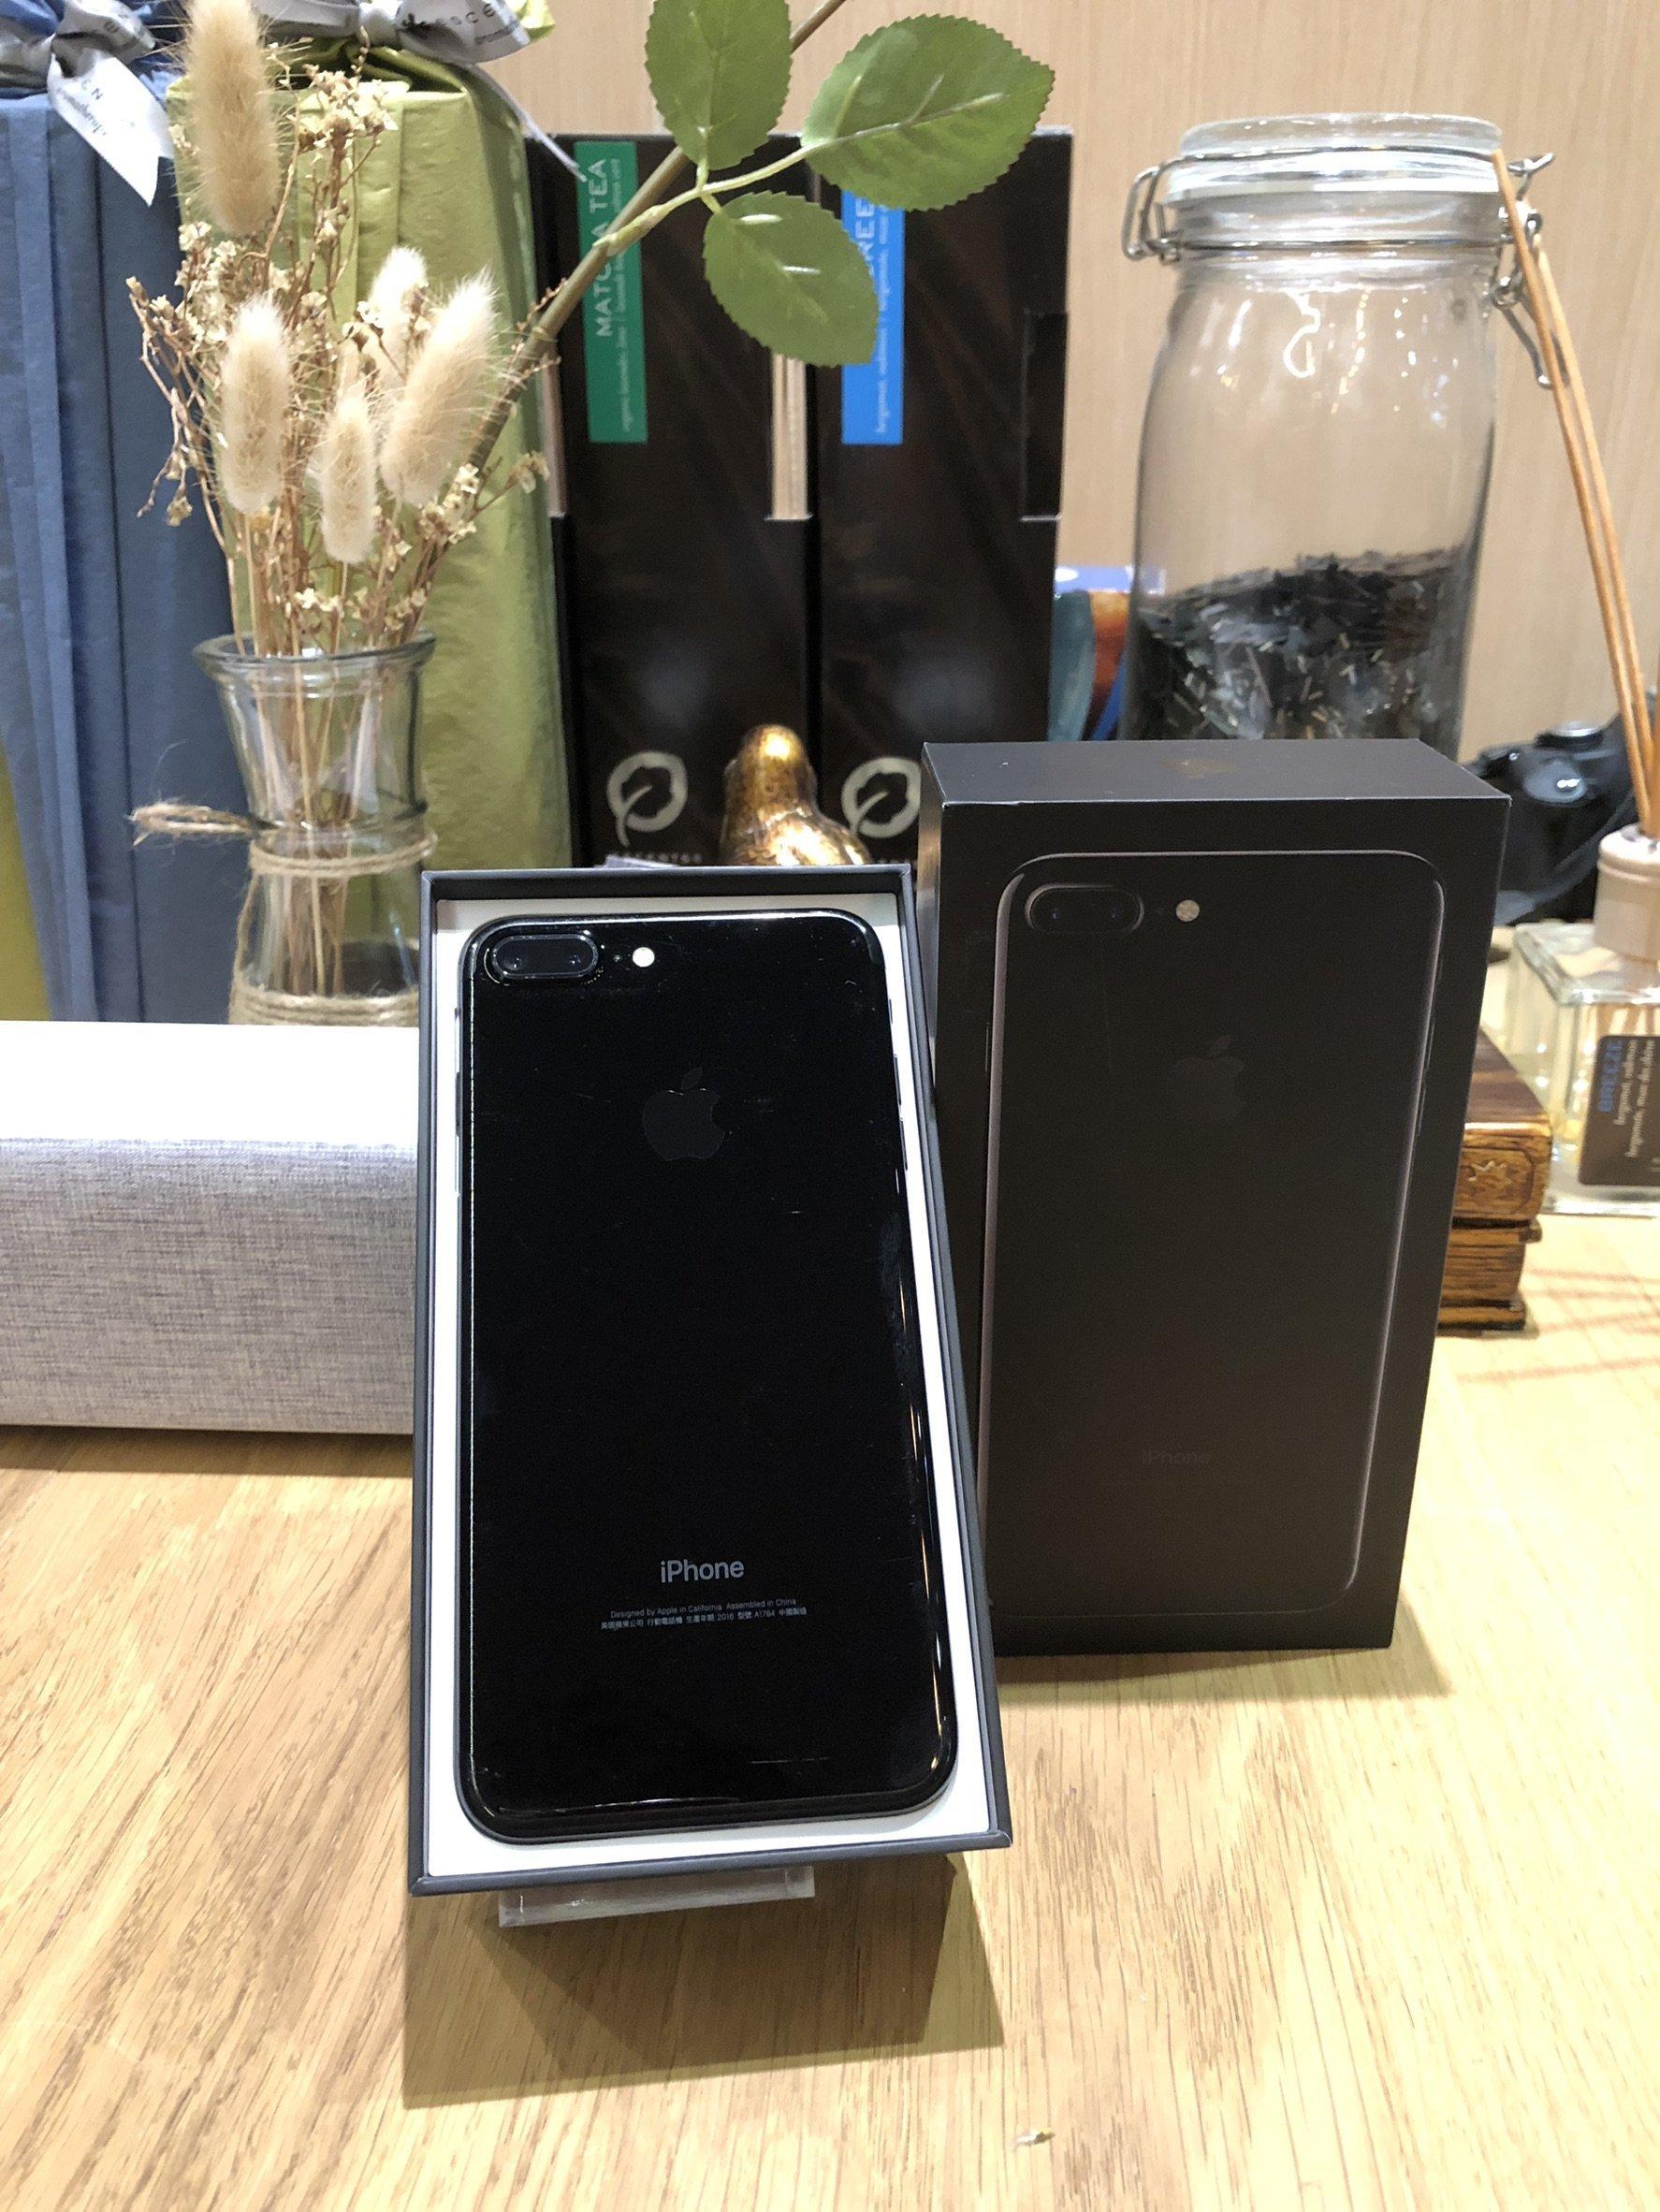 二手美品 iPhone 7 plus 128G 曜石黑 6s 8 11 Xs Pro Max 64G 256G 金銀粉紅